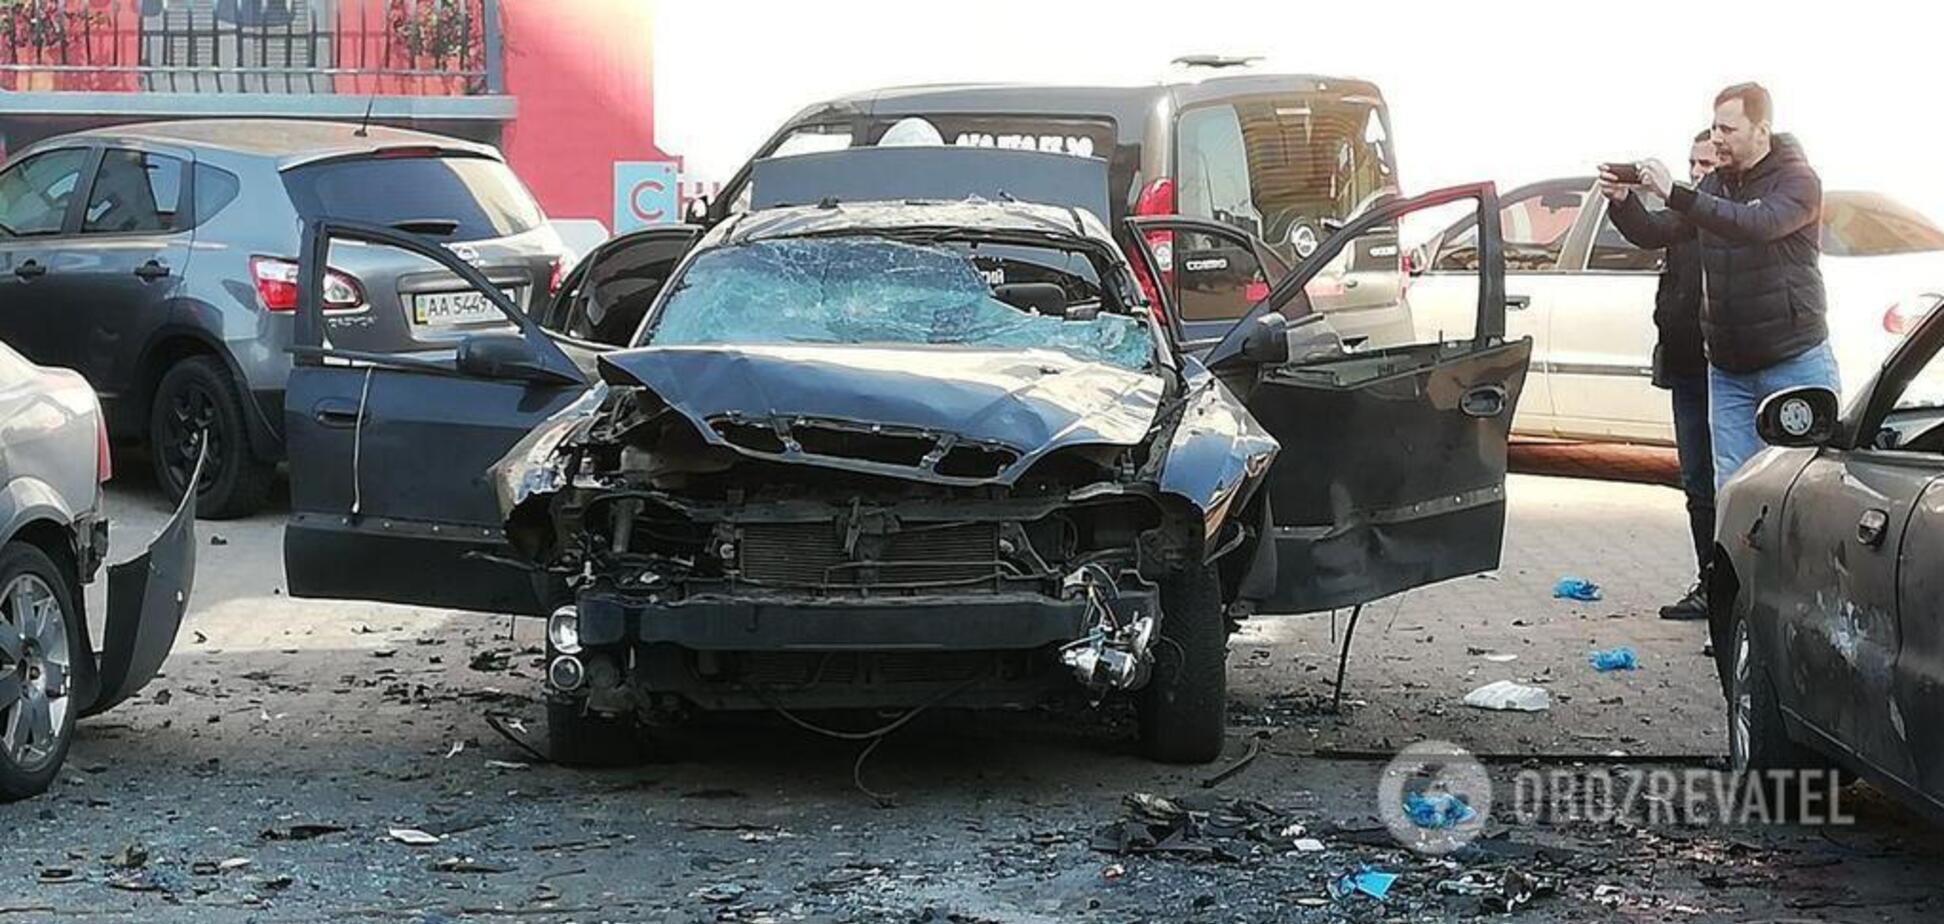 Двух граждан РФ наказали за покушение на теракт в Киеве